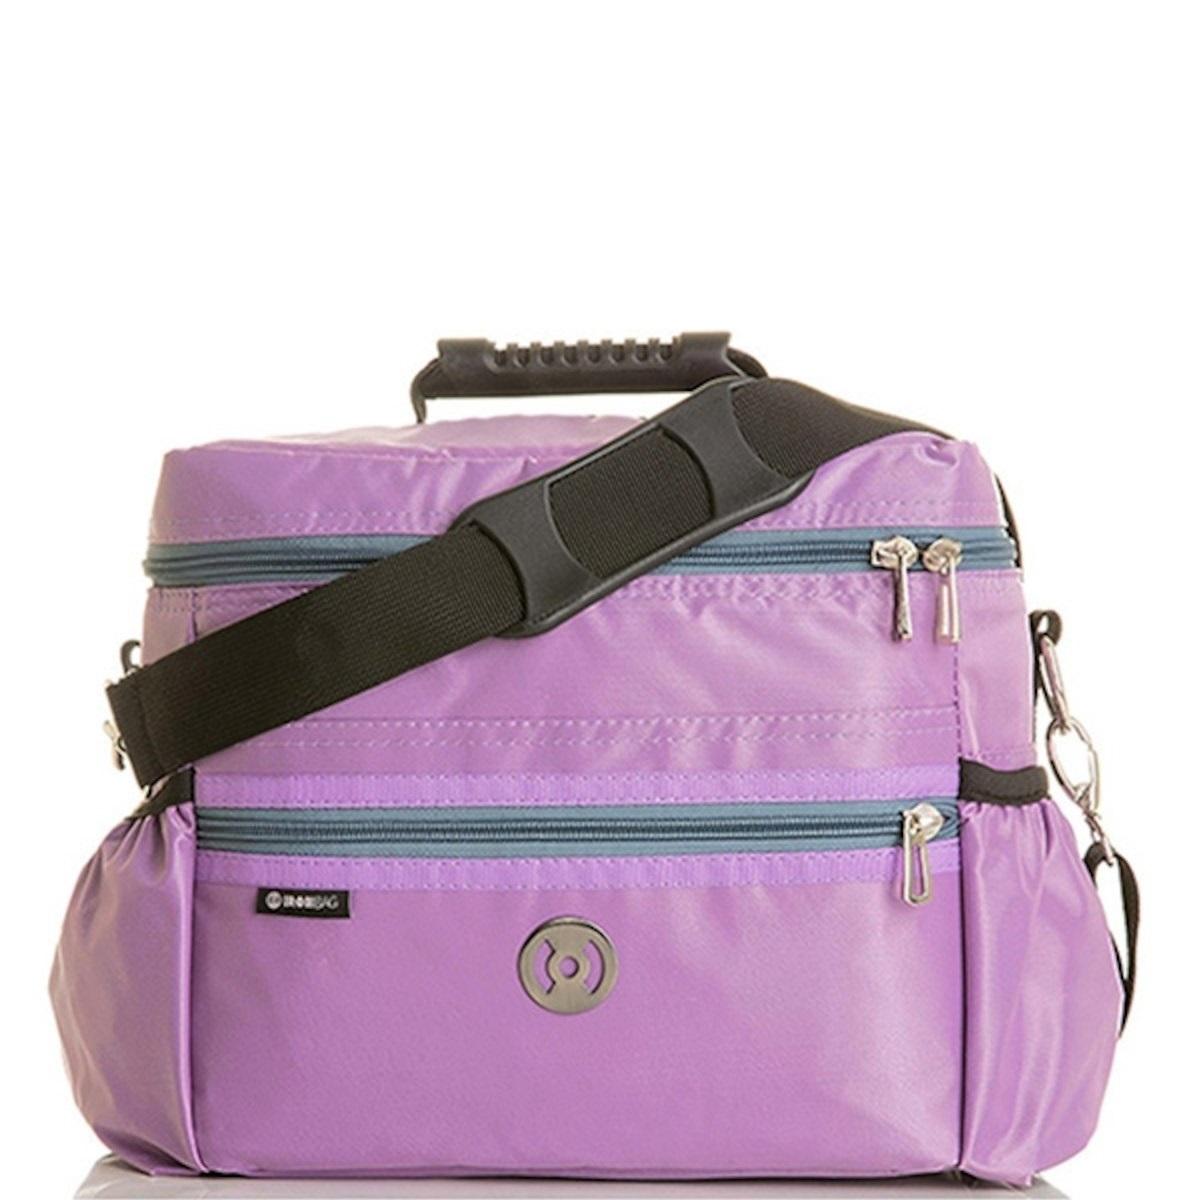 e74123731 Bolsa Térmica Iron Bag Clássica Pop Lilás - Bolsa Térmica Fitness